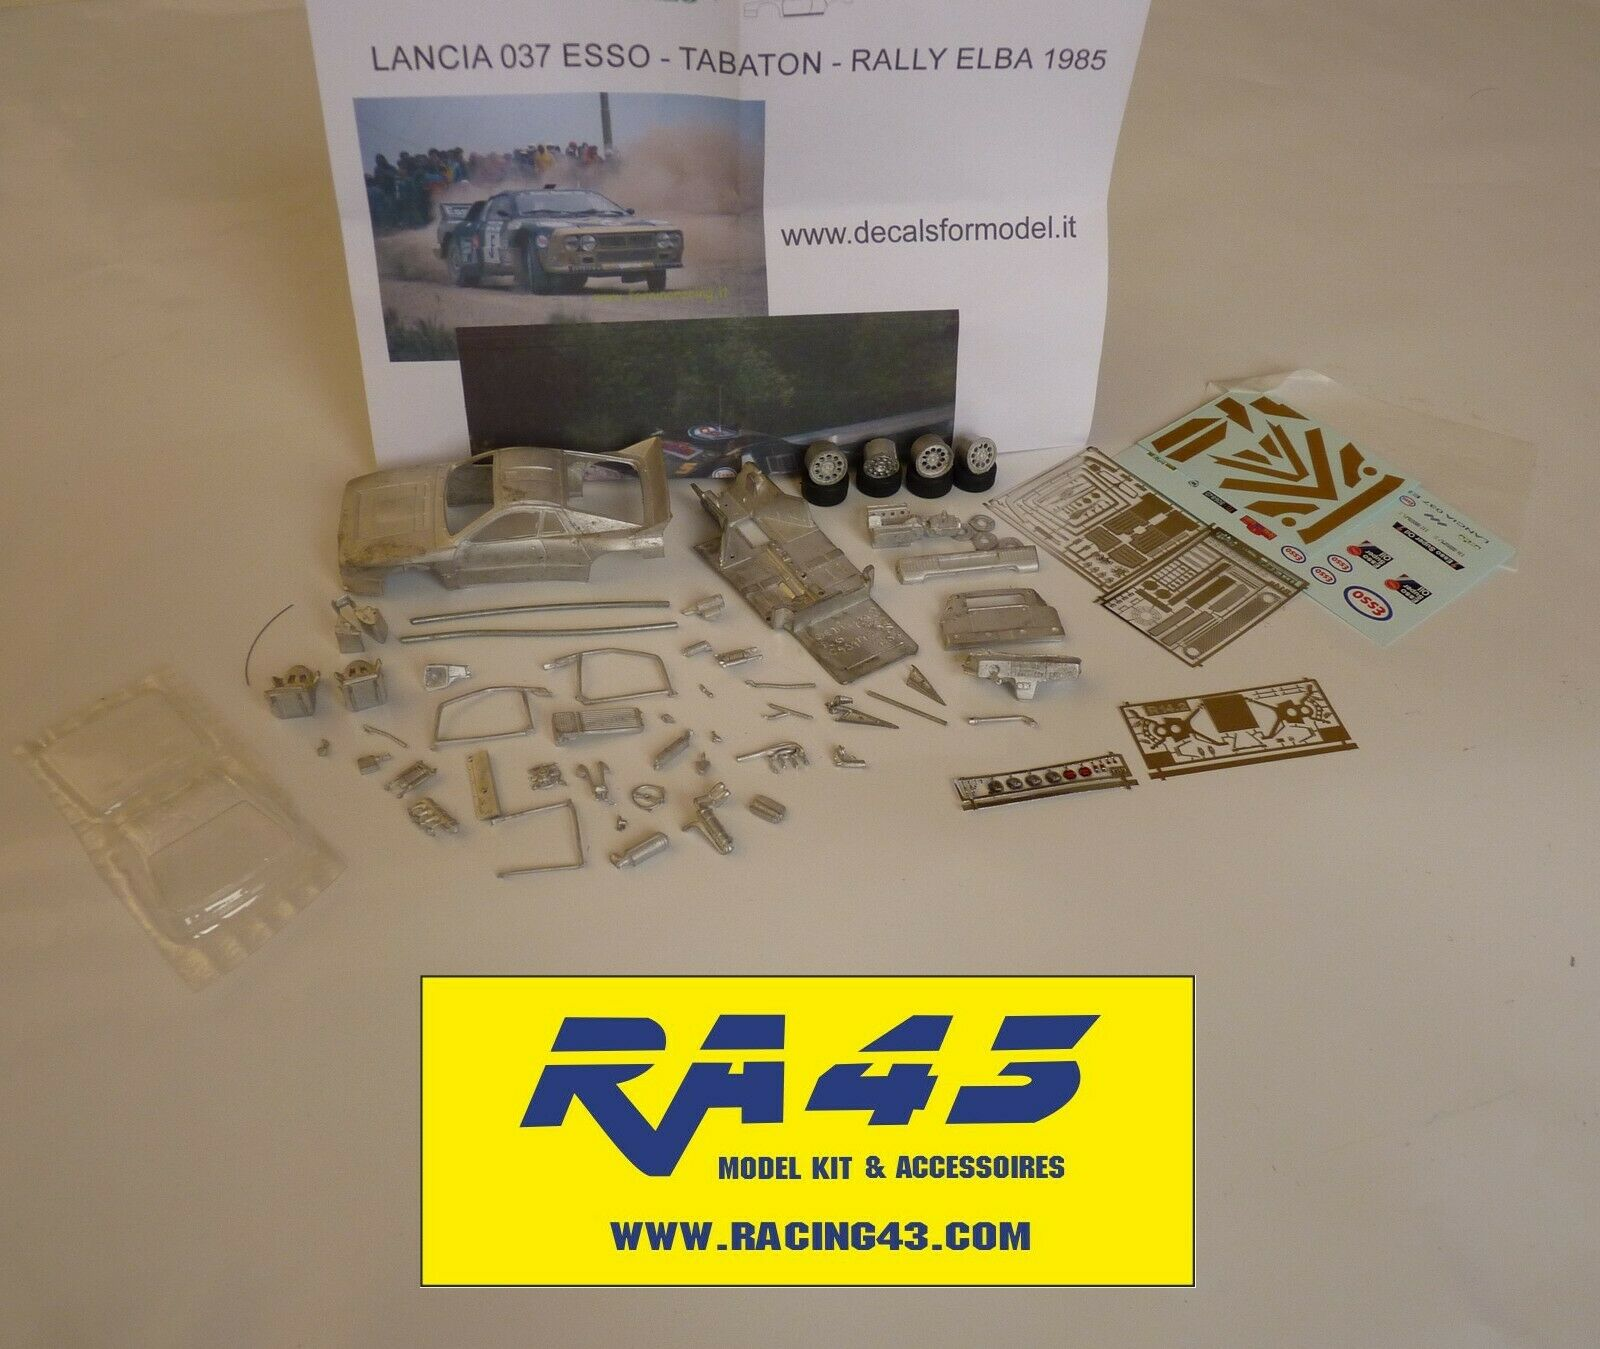 1 43 Lancia 037 Rally Isola d'Elba 1985 Tabaton Esso Kit